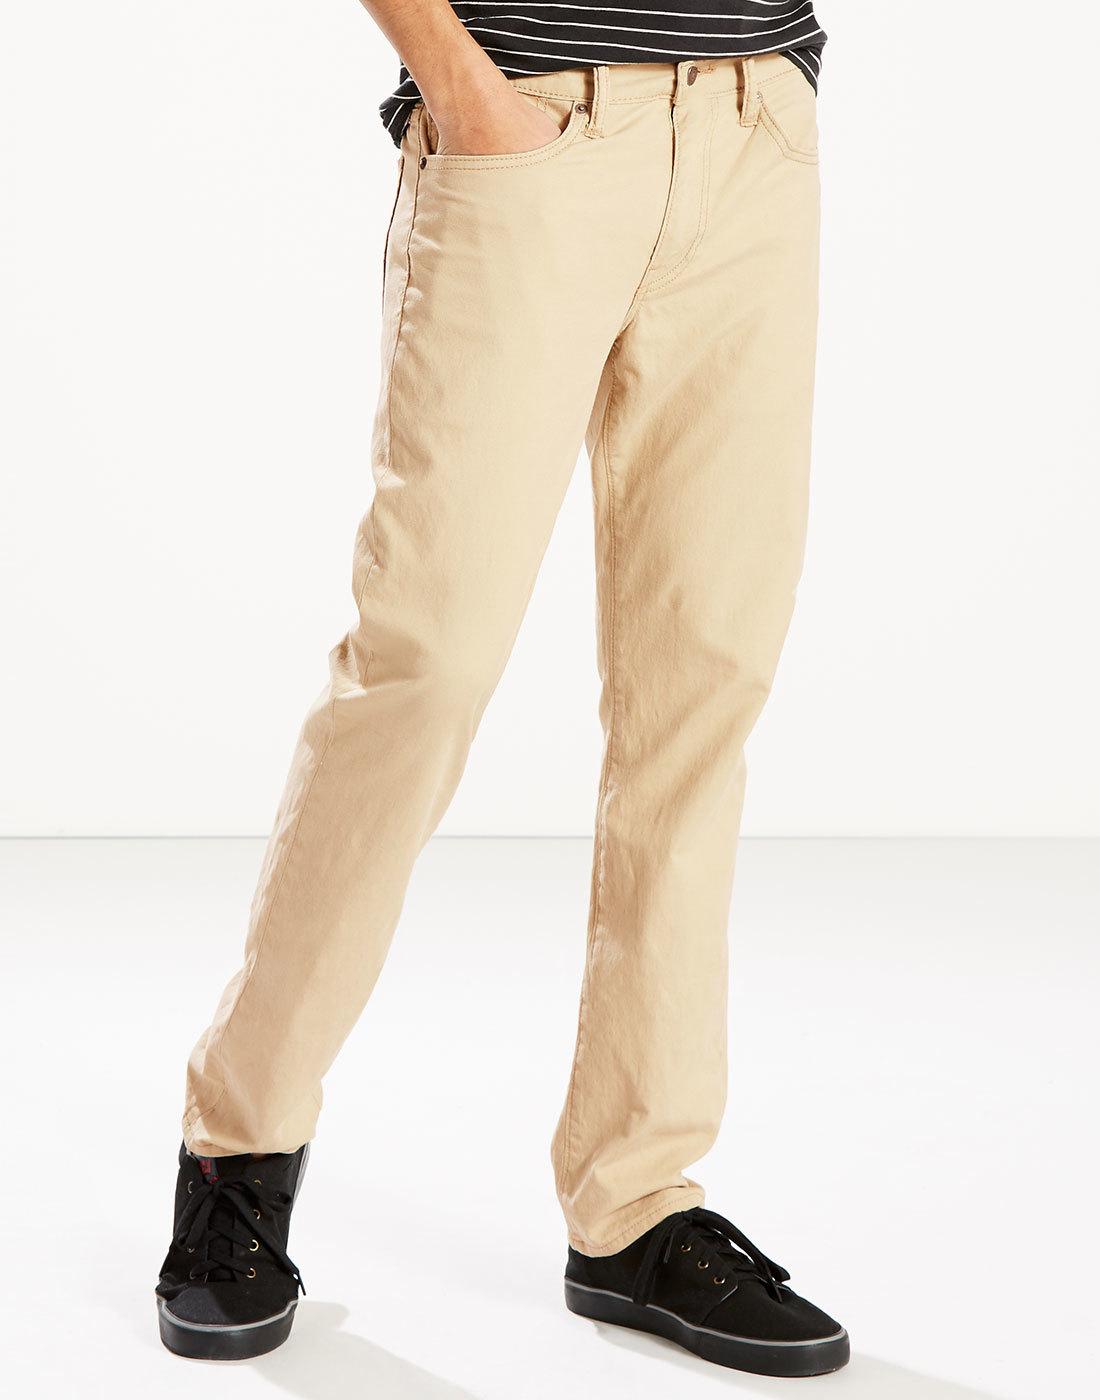 LEVI'S® 511 Men's Retro Linen Mix Slim Jeans SAND